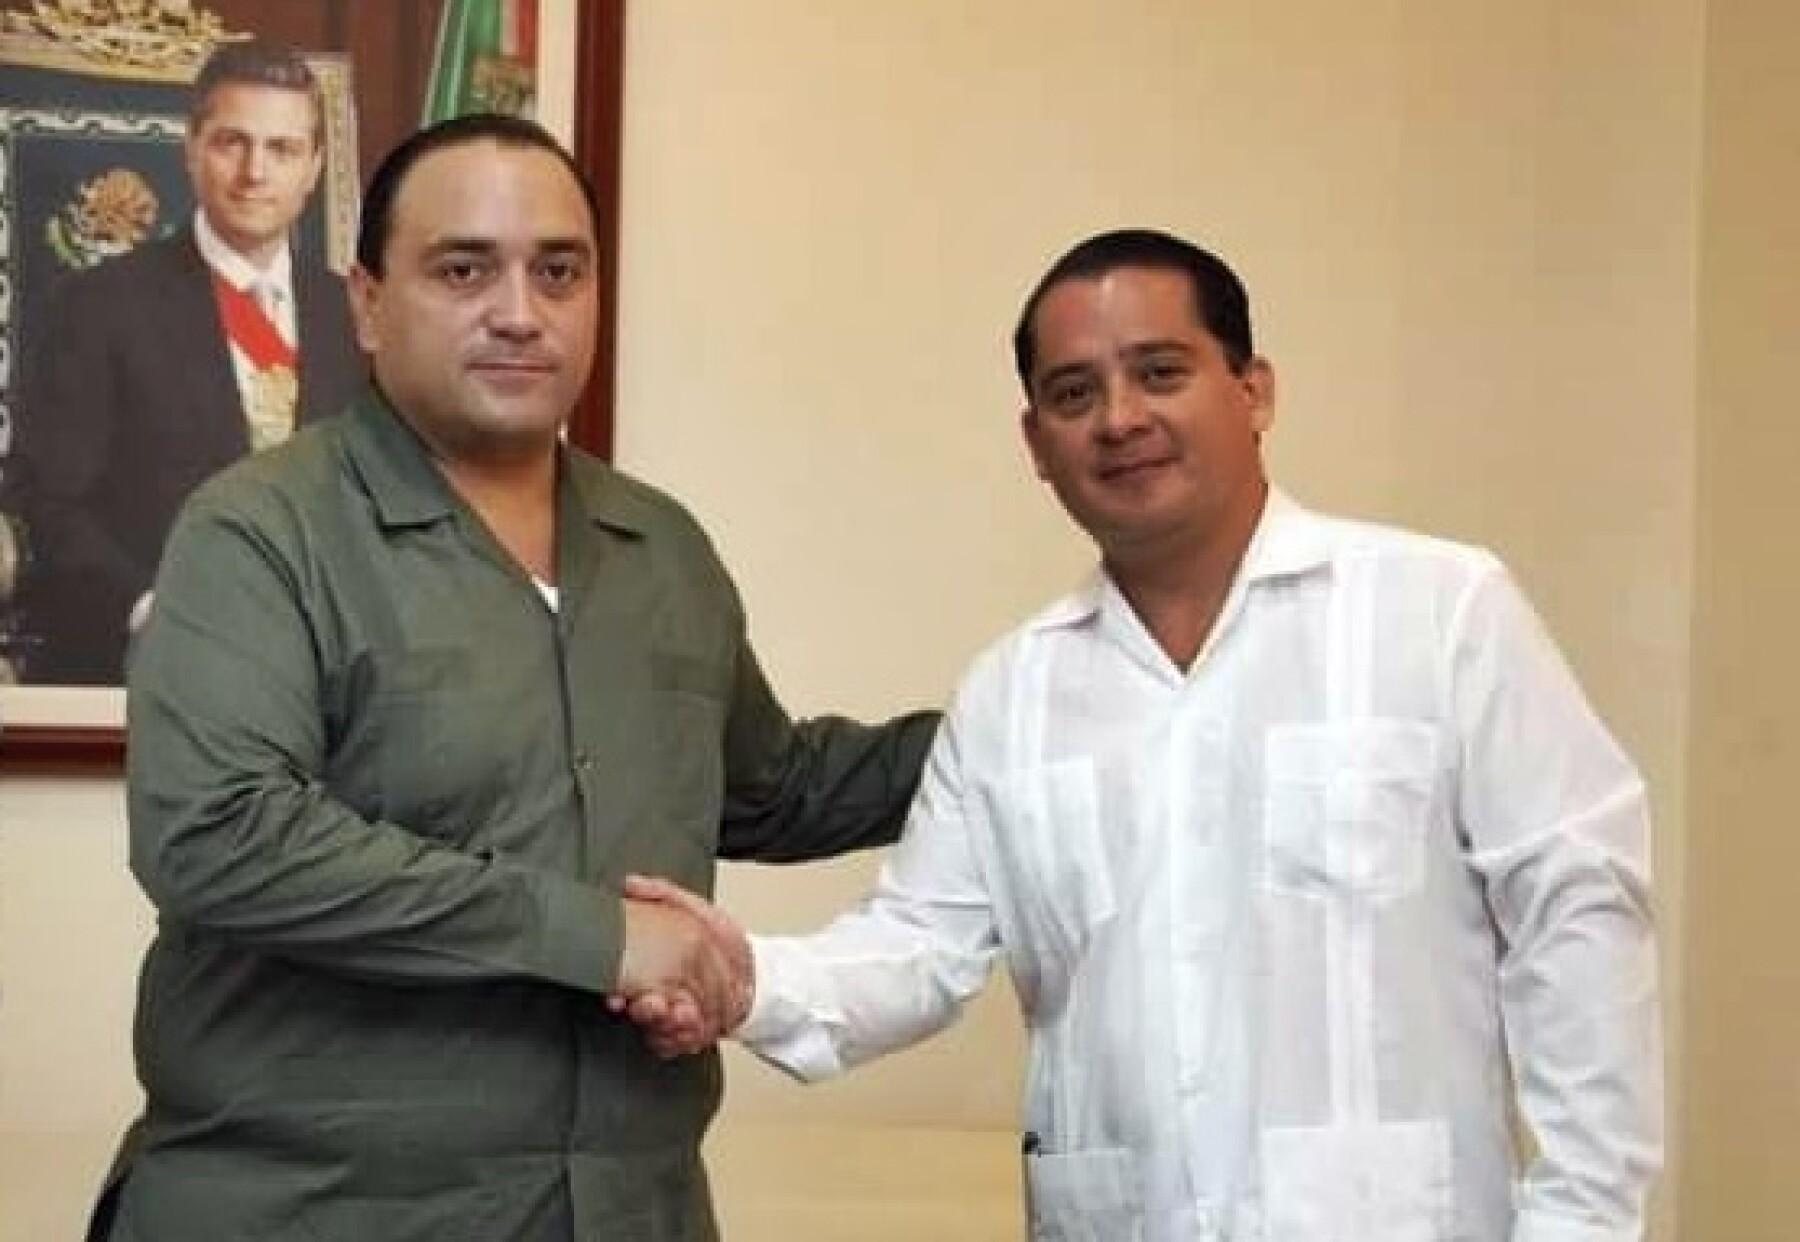 Alejandro Marrufo Roldán